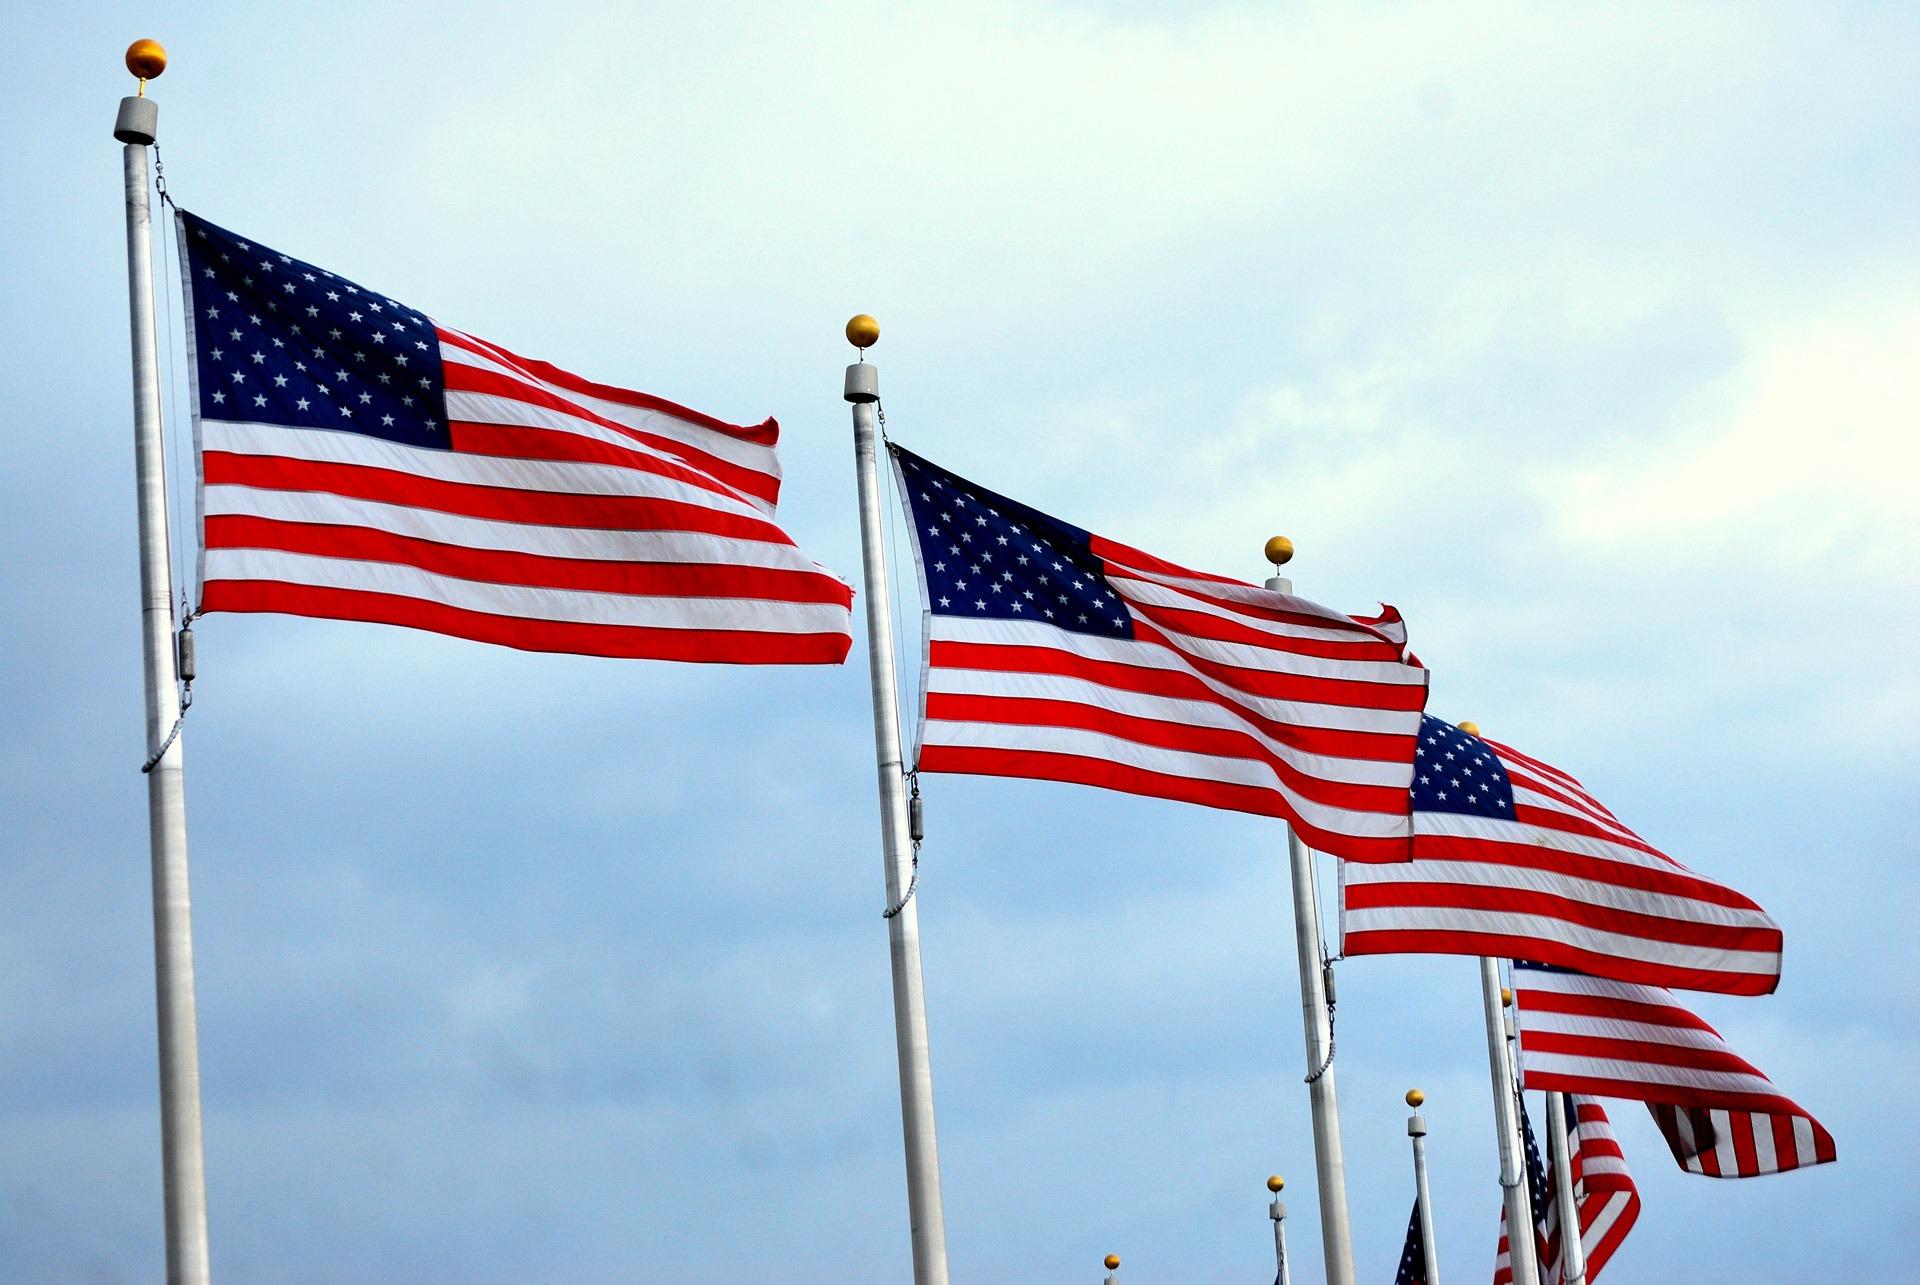 ABD'den Ermenistan ve Azerbaycan'a çatışmalara son verme çağrısı geldi